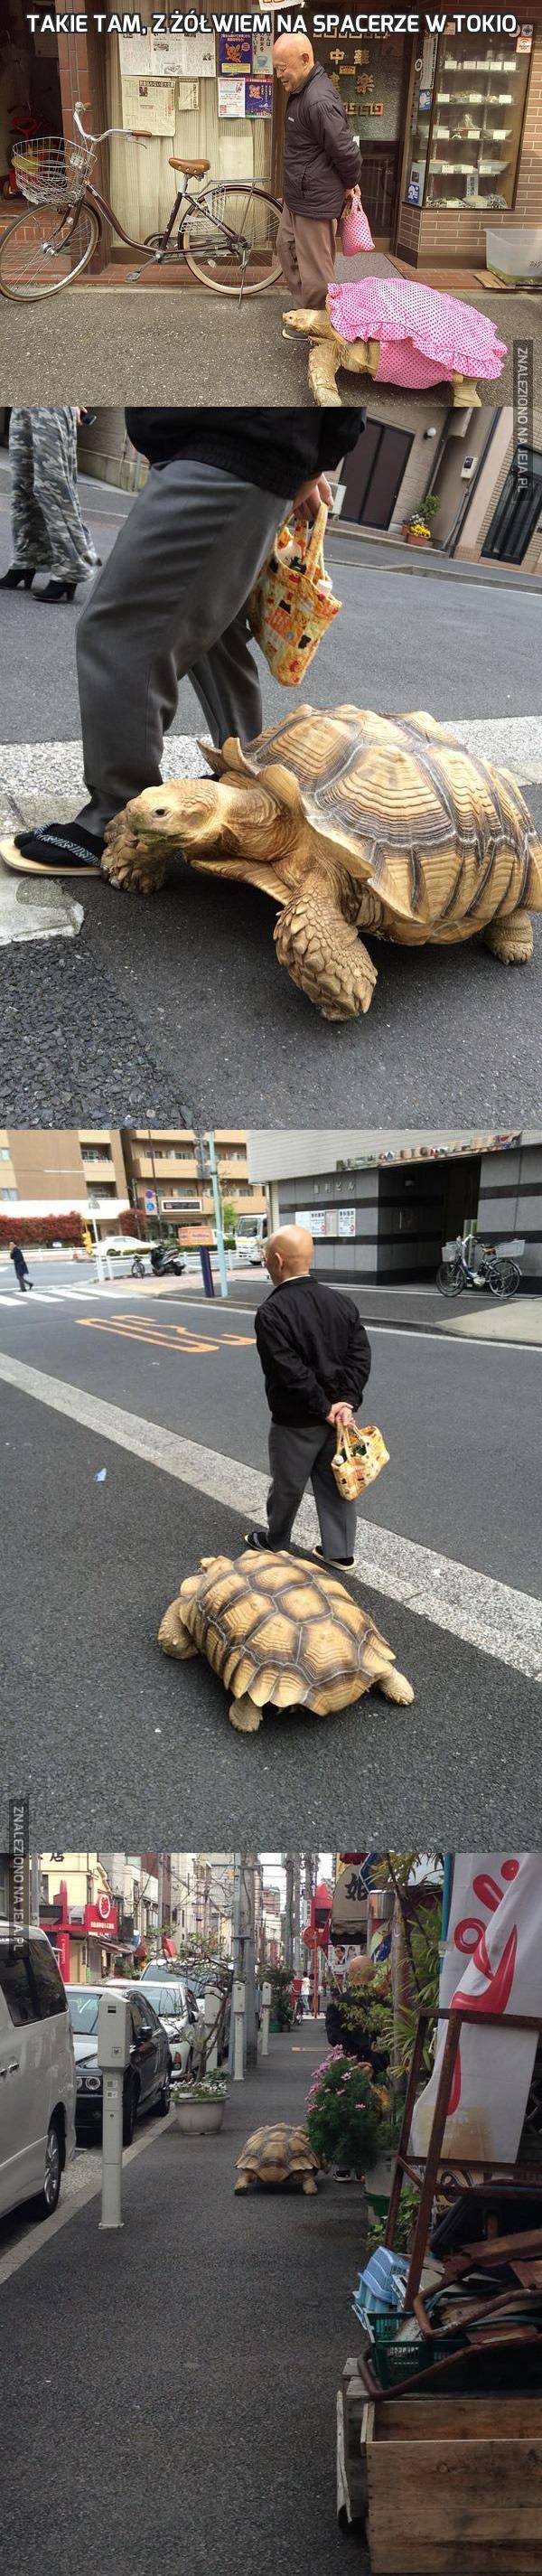 Takie tam, z żółwiem na spacerze w Tokio